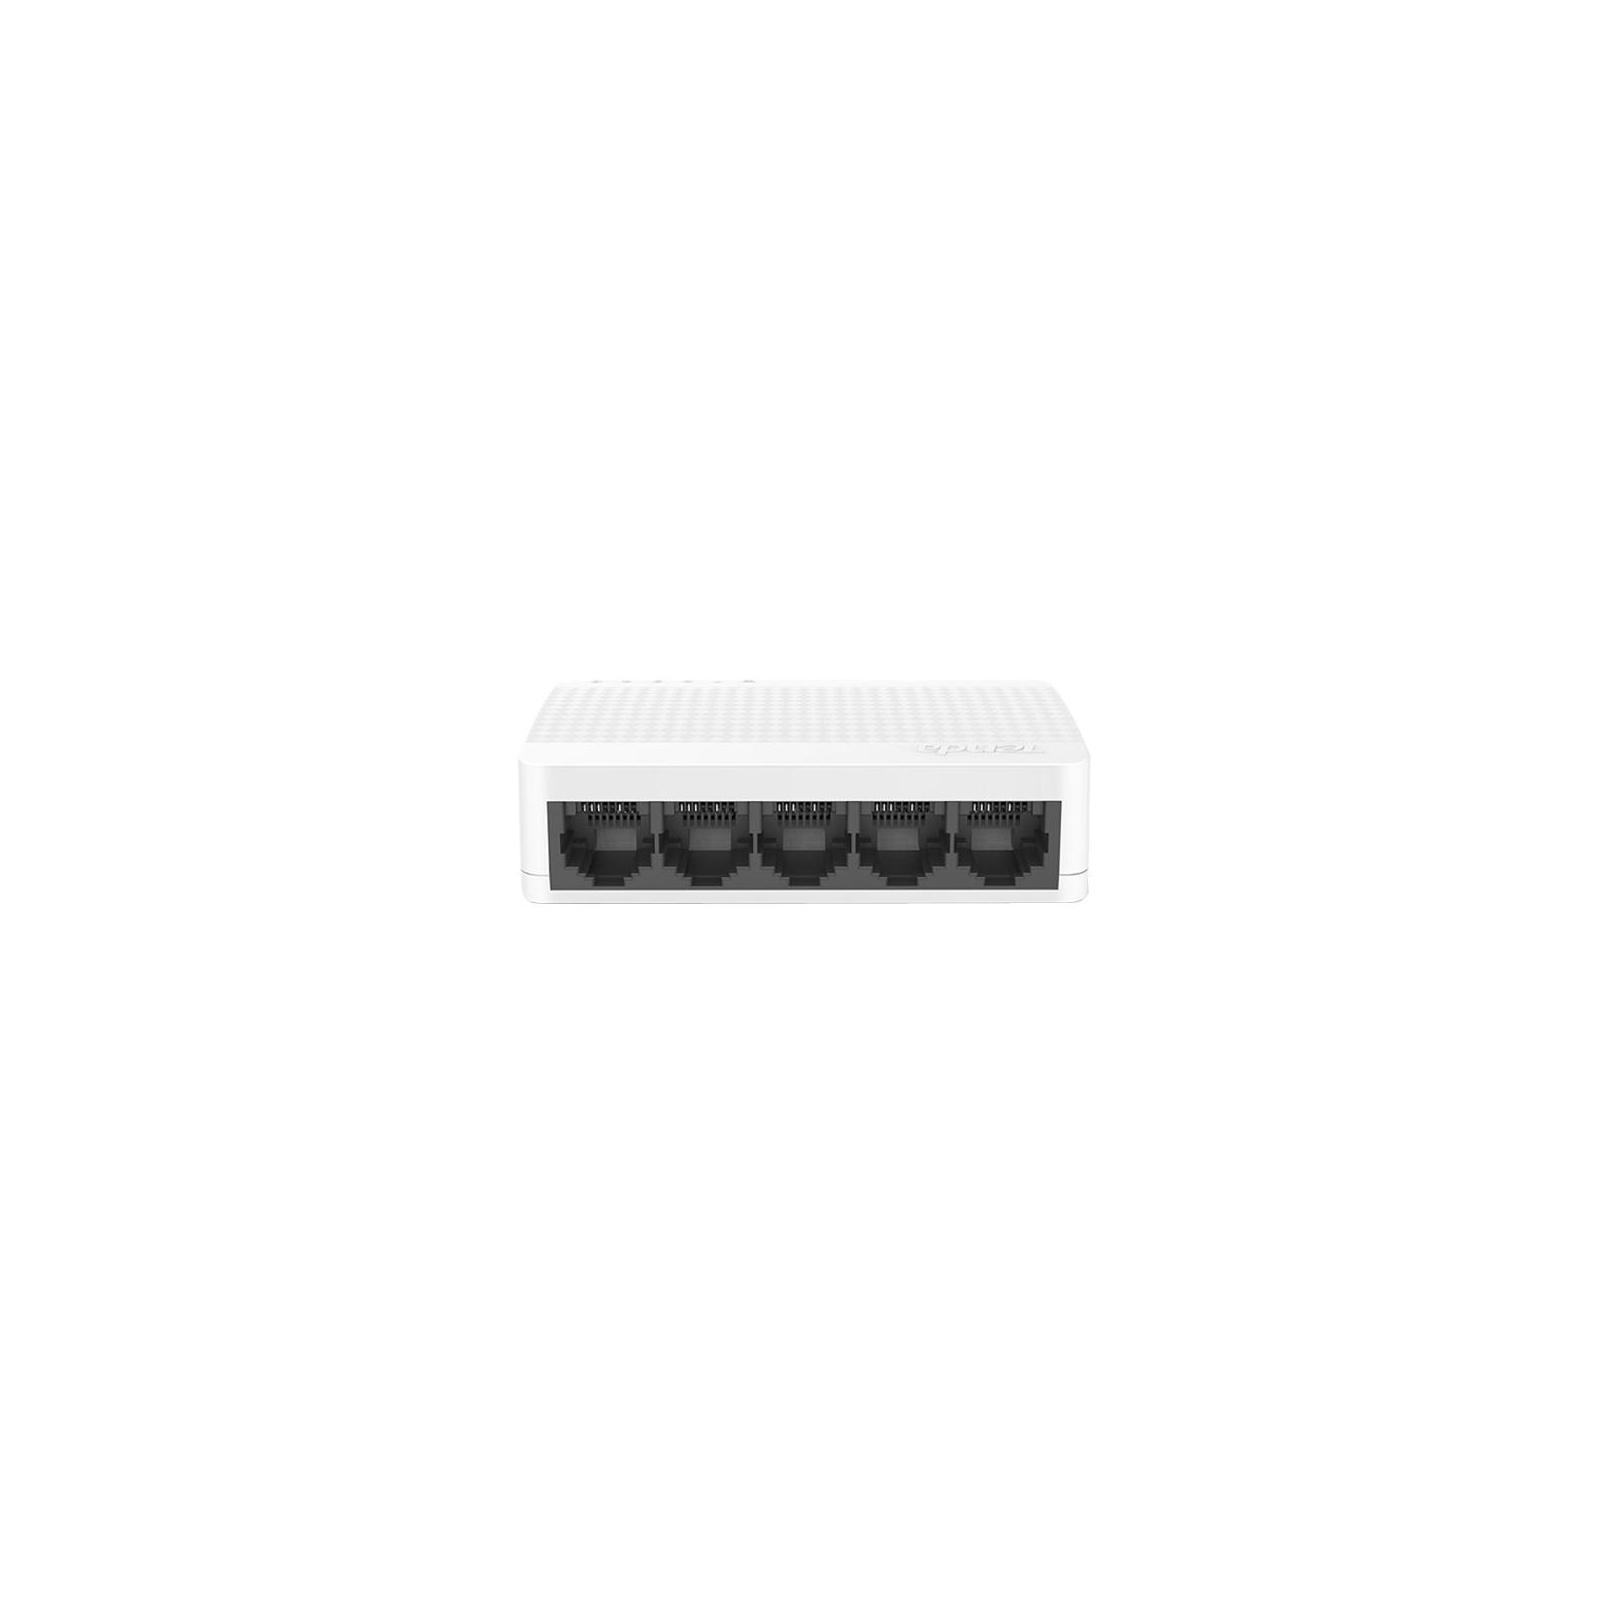 Коммутатор сетевой TENDA S105 изображение 4